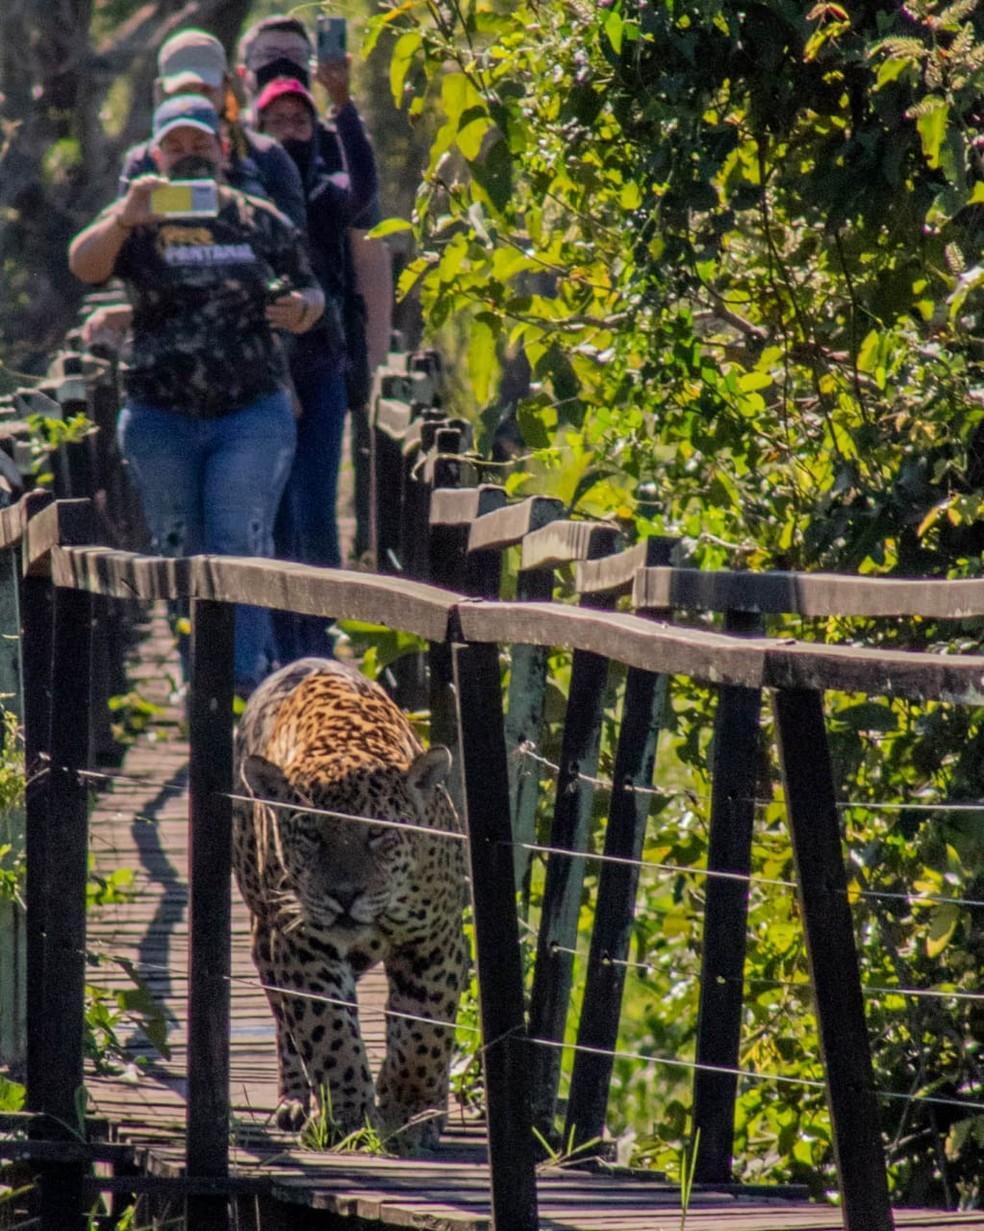 Turistas fotografam onça, em passarela de madeira, no Pantanal.  Foto: Allan Glelydson/Foto